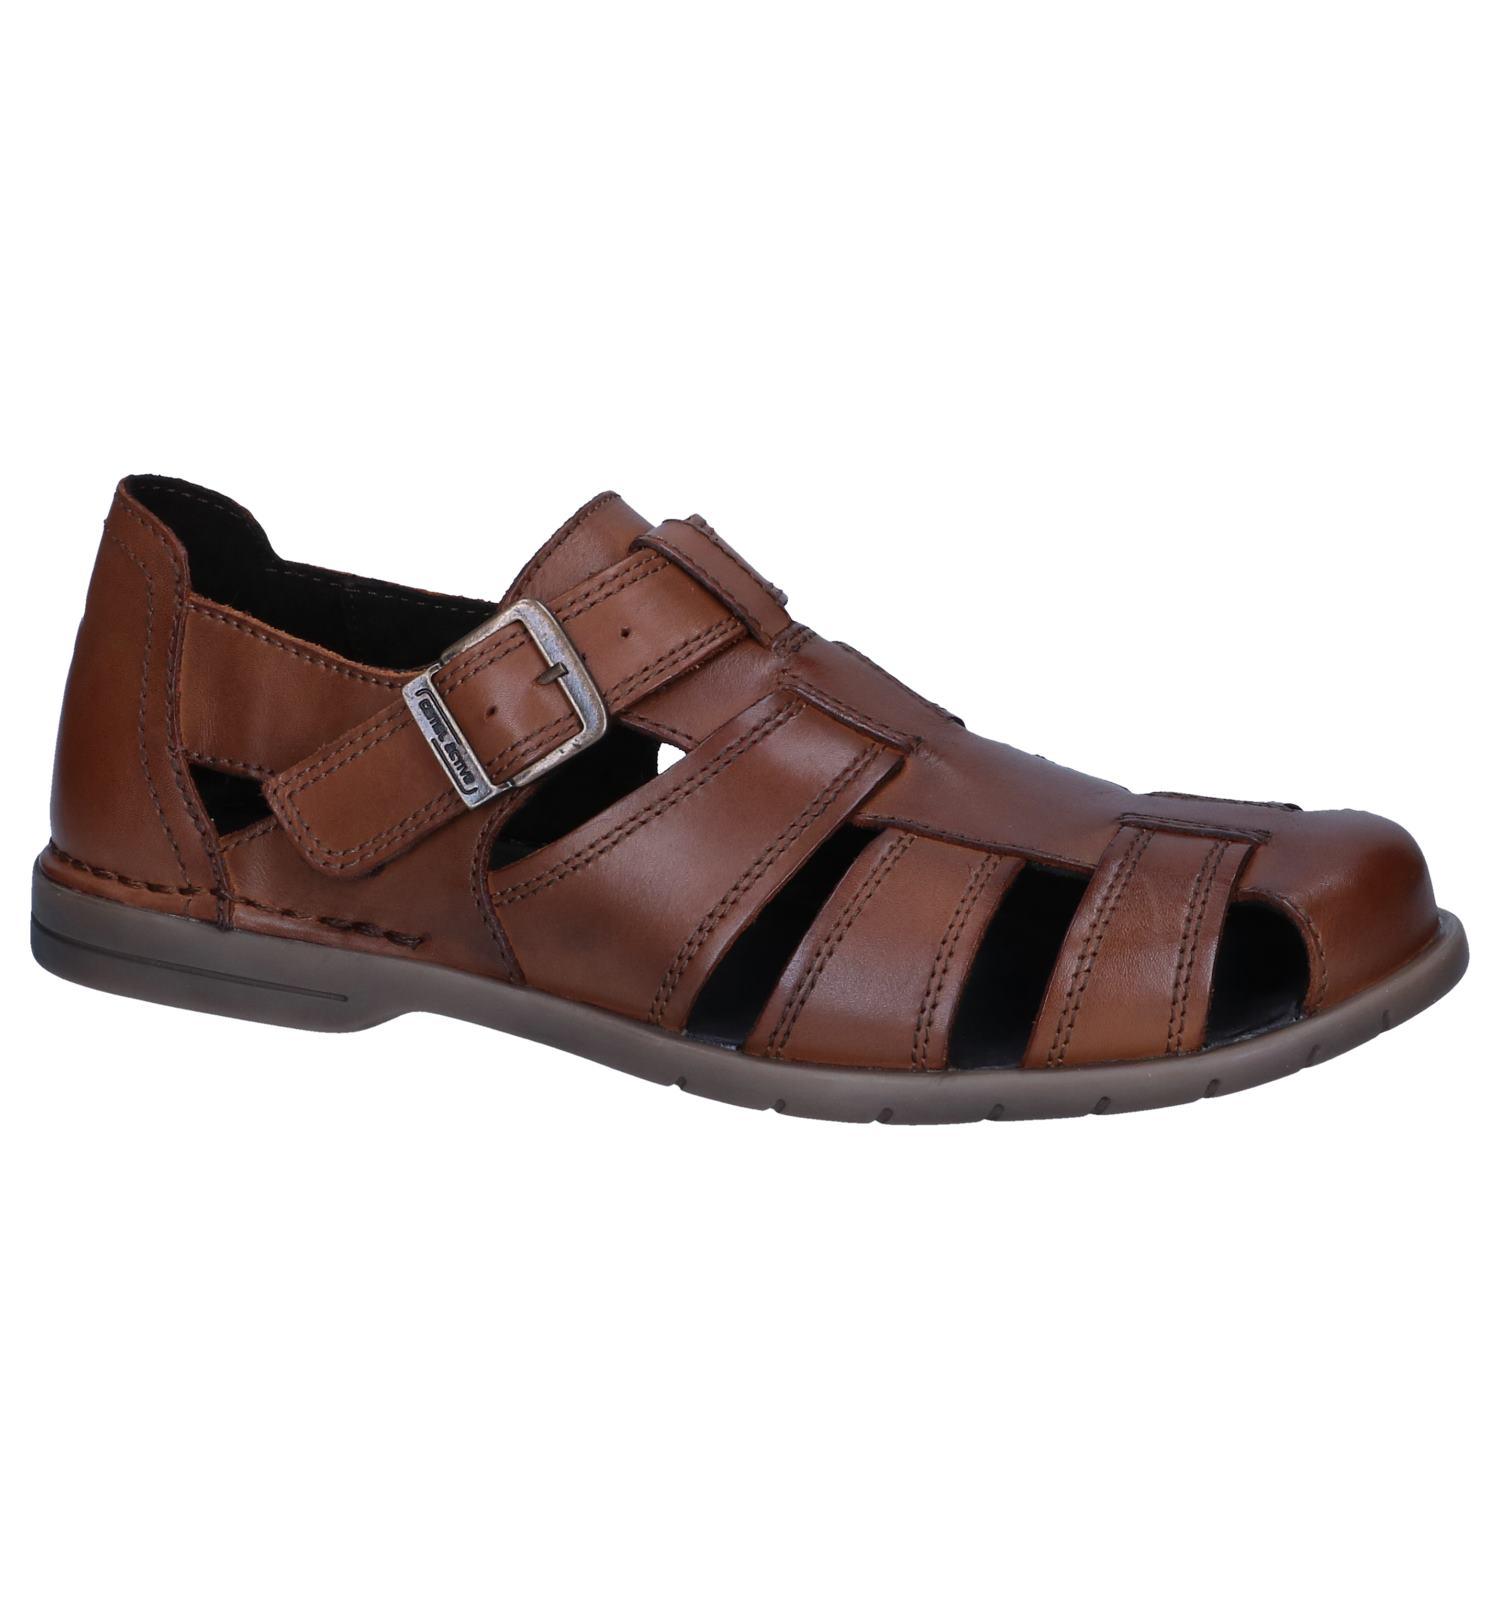 wie man serch neu kaufen bis zu 60% sparen camel sandalen